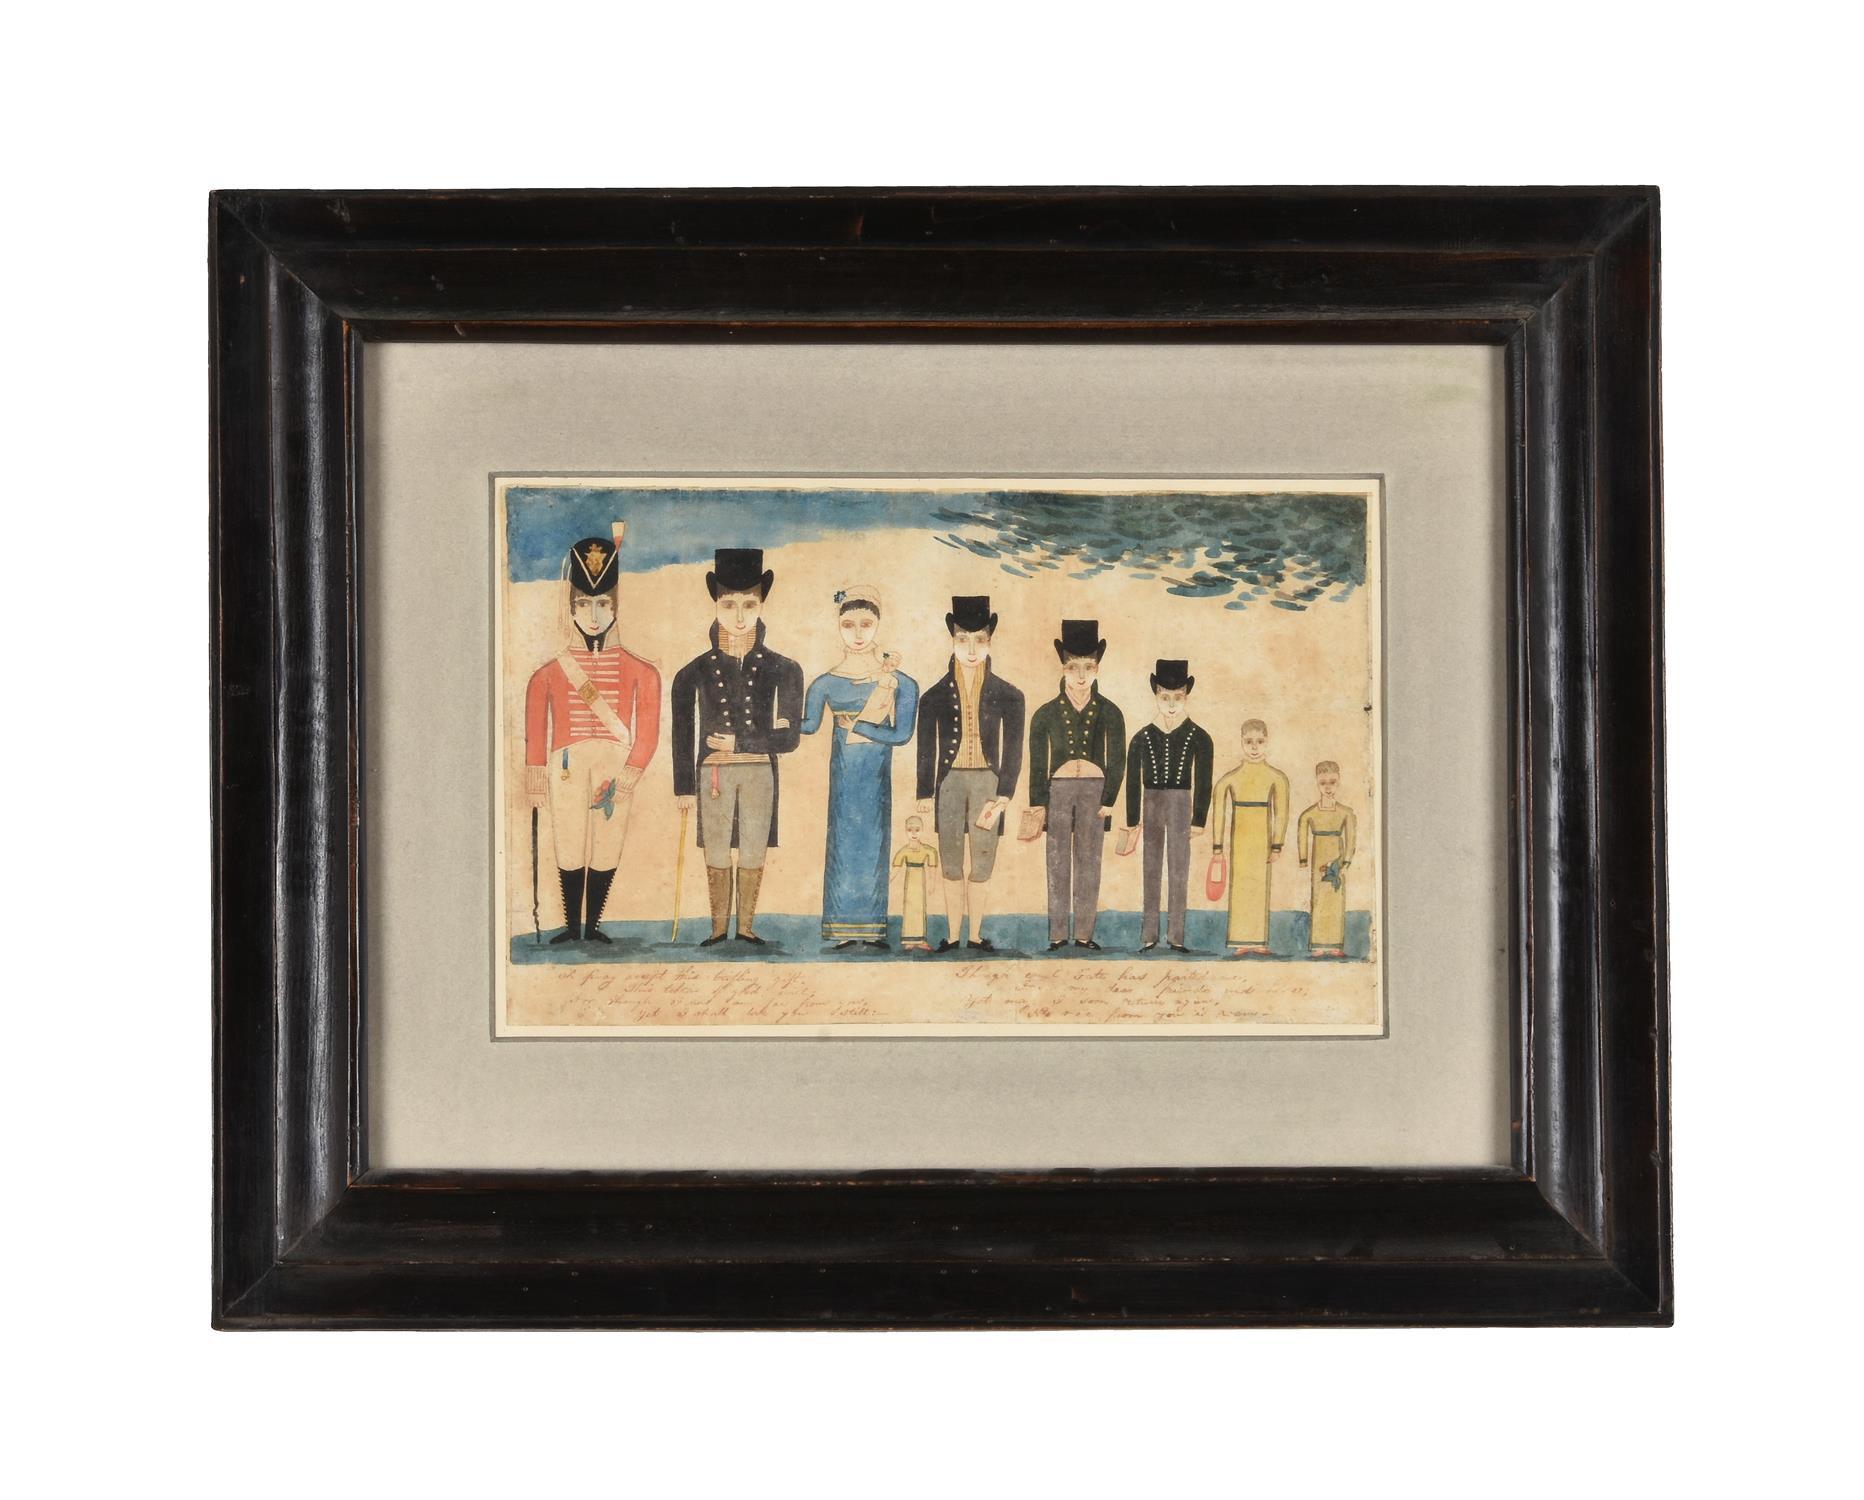 Irish School (c.1816), William Winter and his family